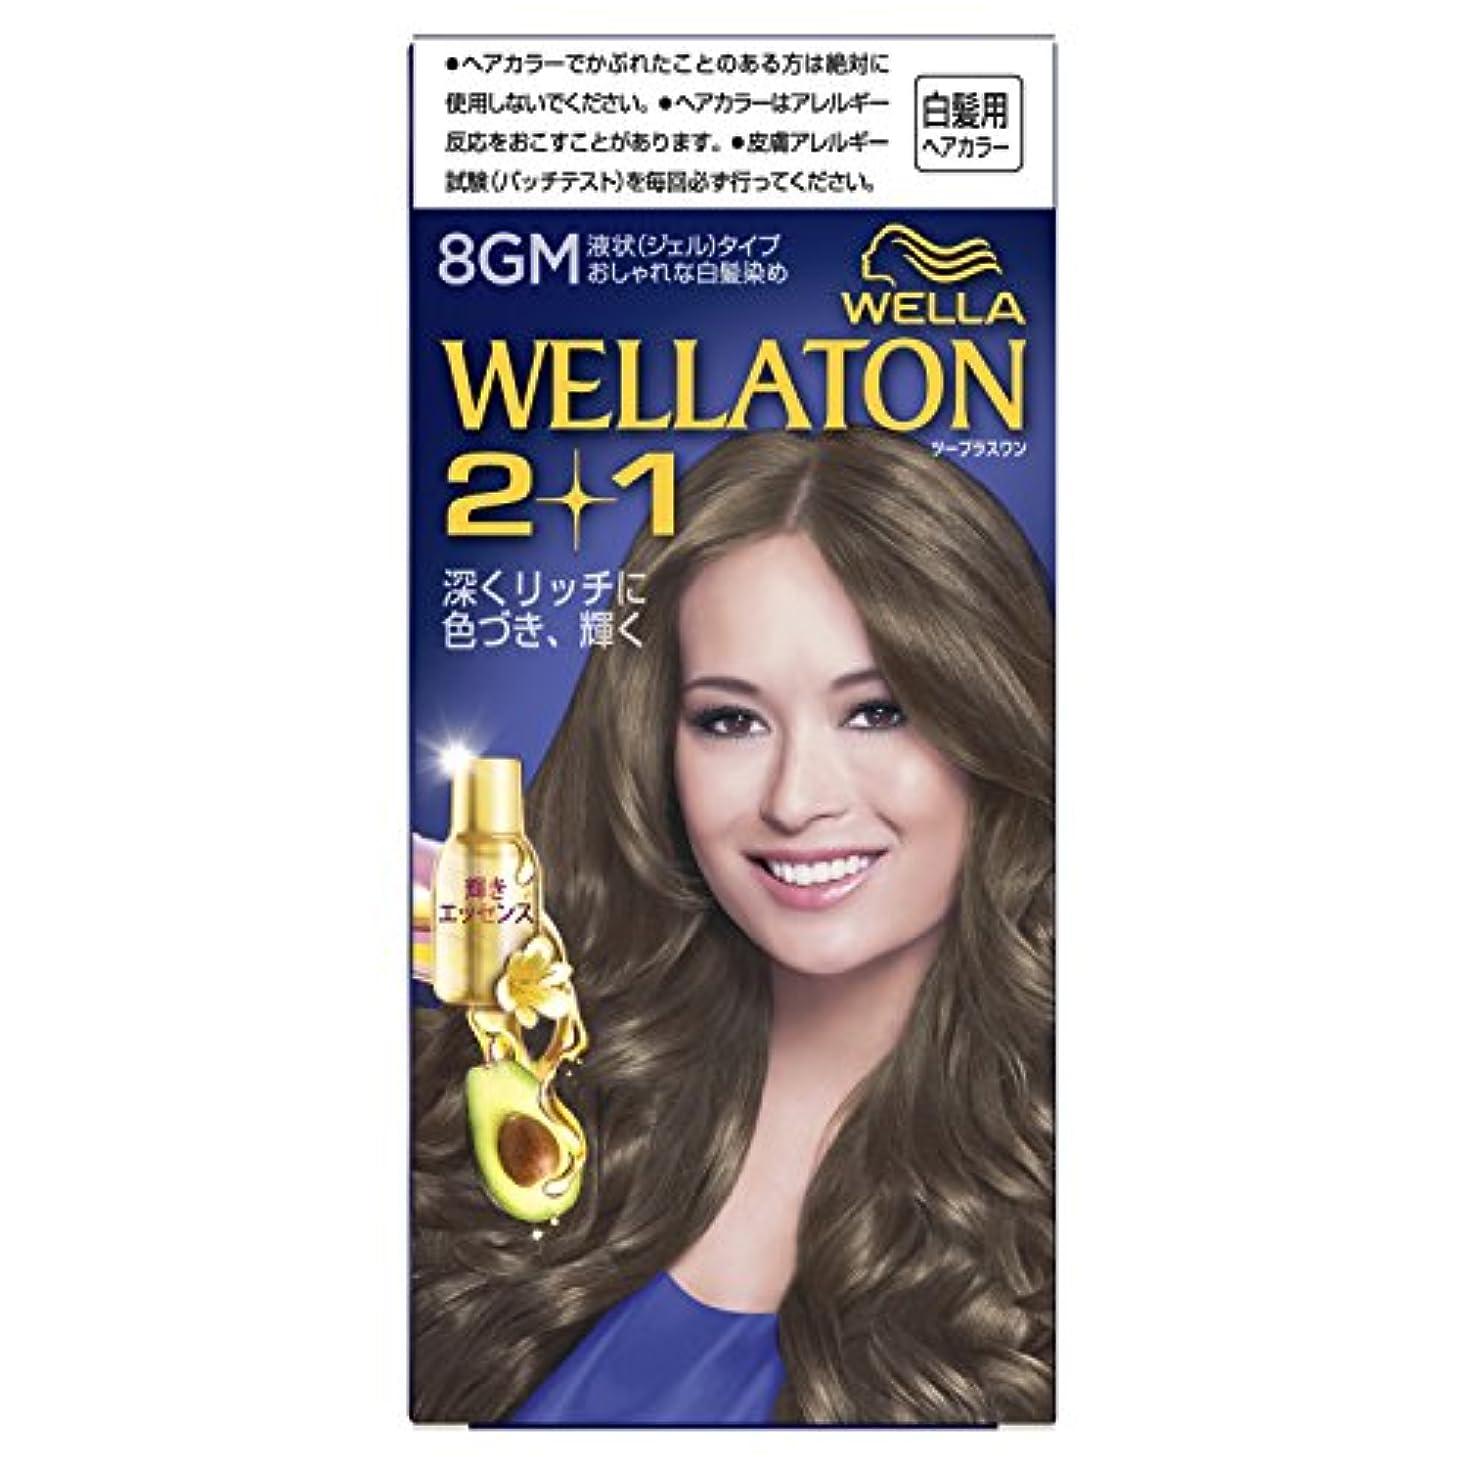 苦いパール取り付けウエラトーン2+1 液状タイプ 8GM [医薬部外品](おしゃれな白髪染め)